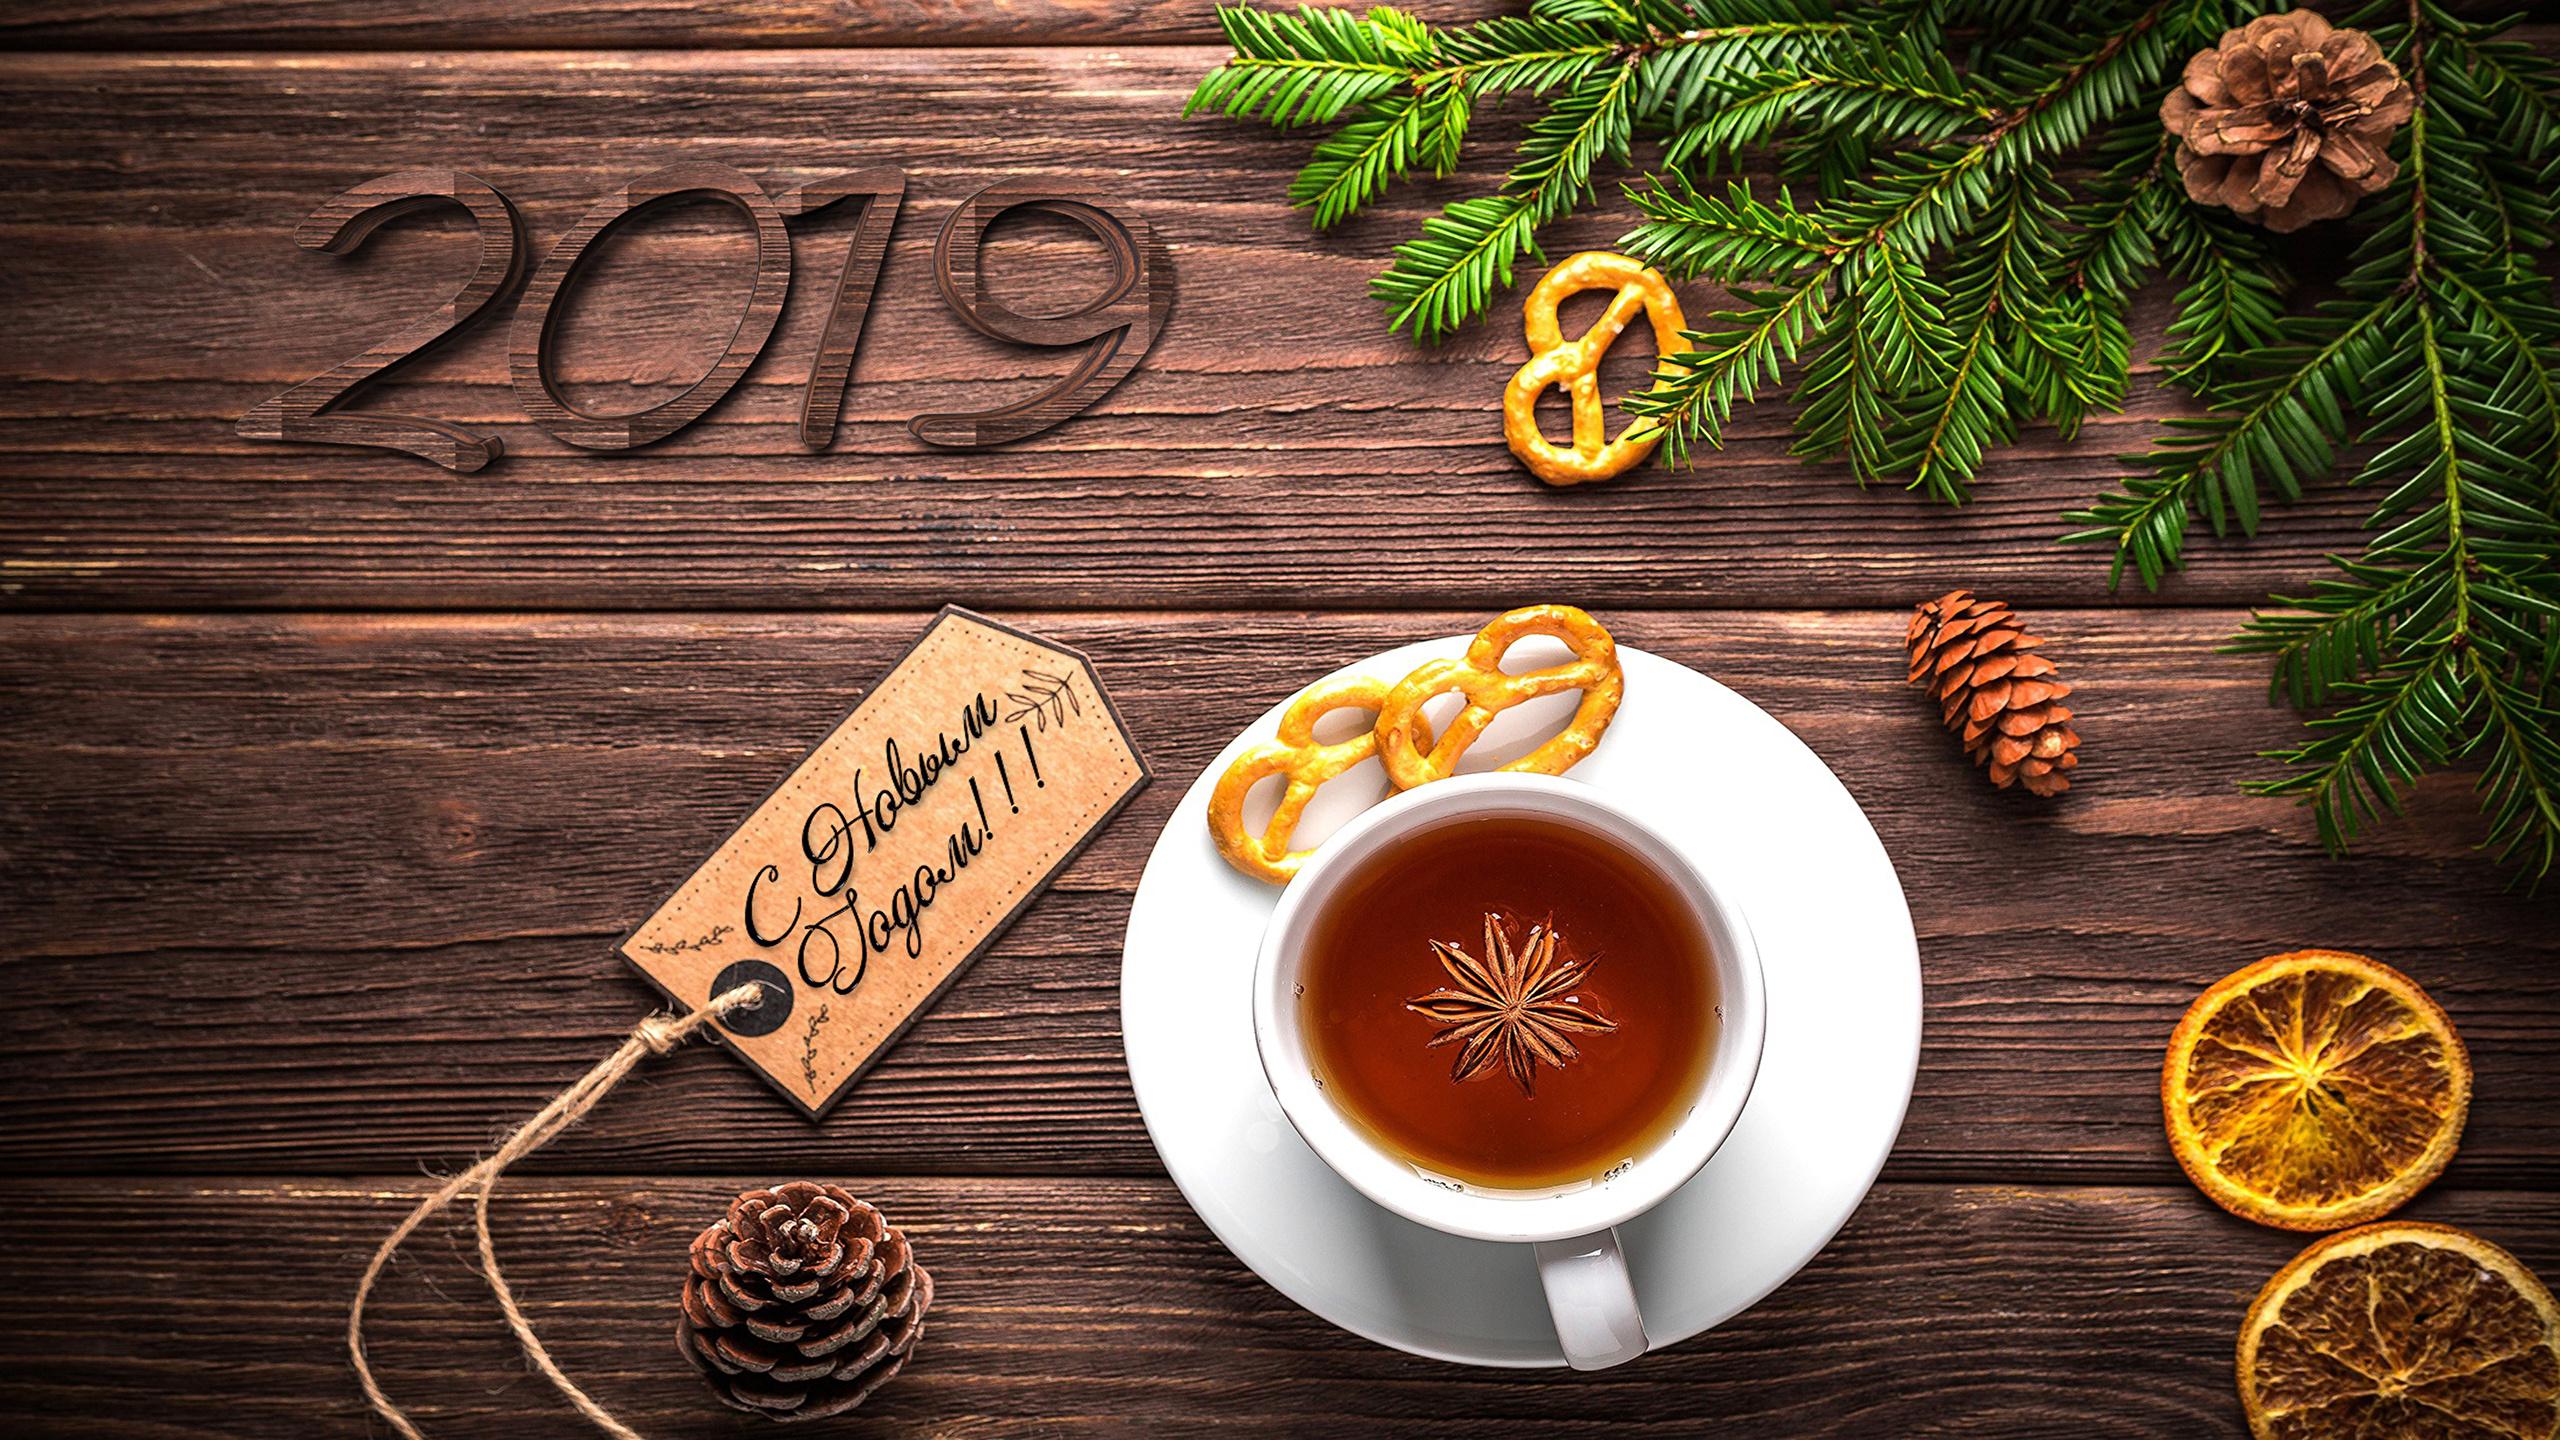 Фото 2019 Рождество Русские Чай Бадьян звезда аниса Лимоны Пища чашке Шишки на ветке Доски 2560x1440 Новый год российские Еда Чашка ветвь шишка Ветки ветка Продукты питания